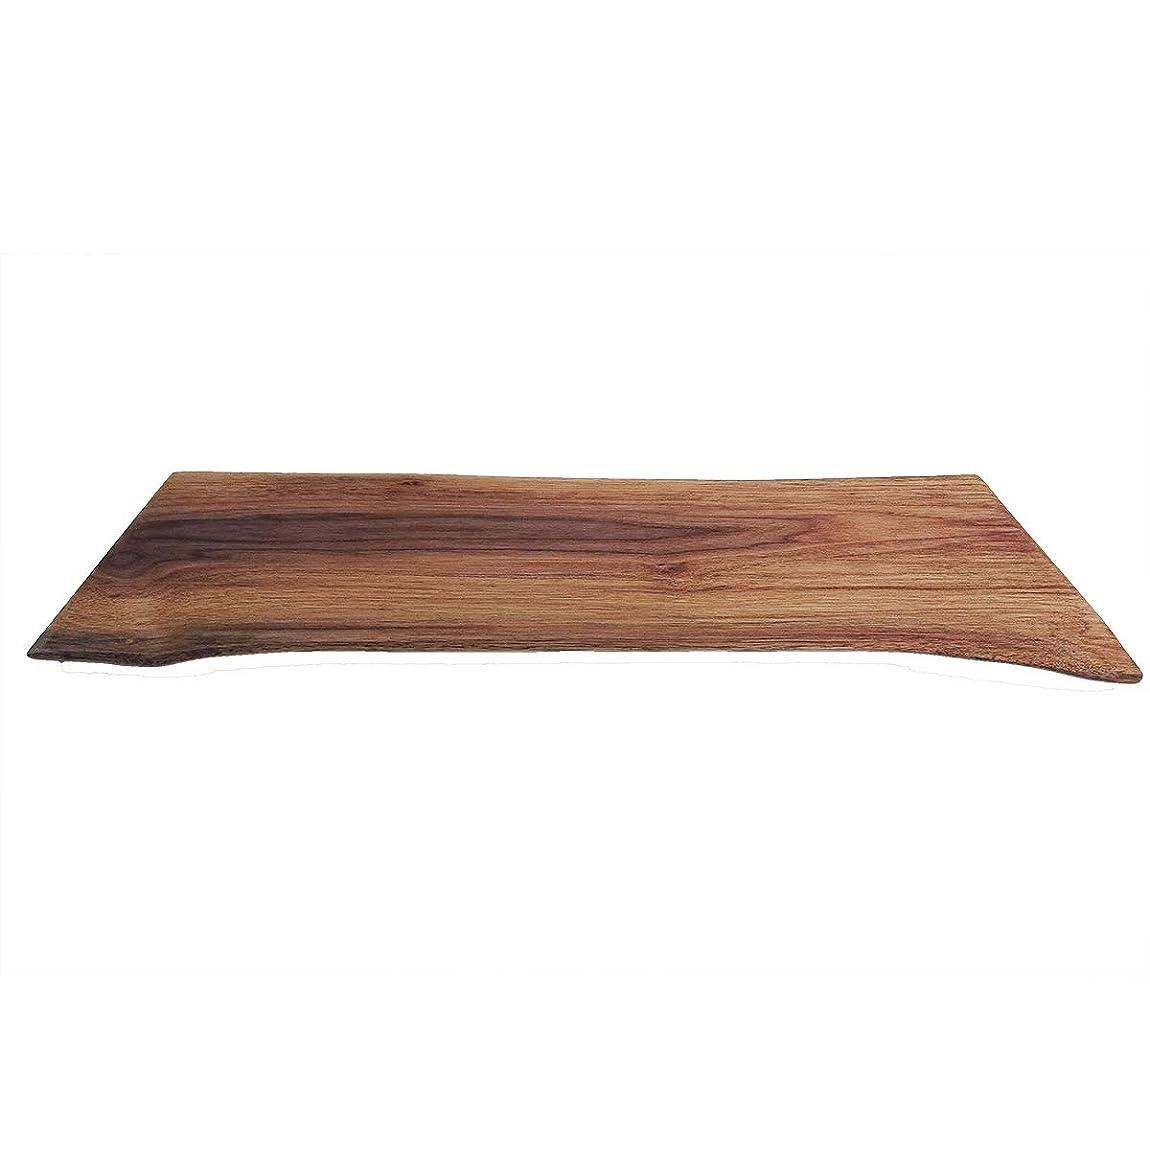 海外で宿るセーブ花台 木製 アメリカンウォールナット 15mm厚35 1枚板 床の間 玄関 飾り台 1点物